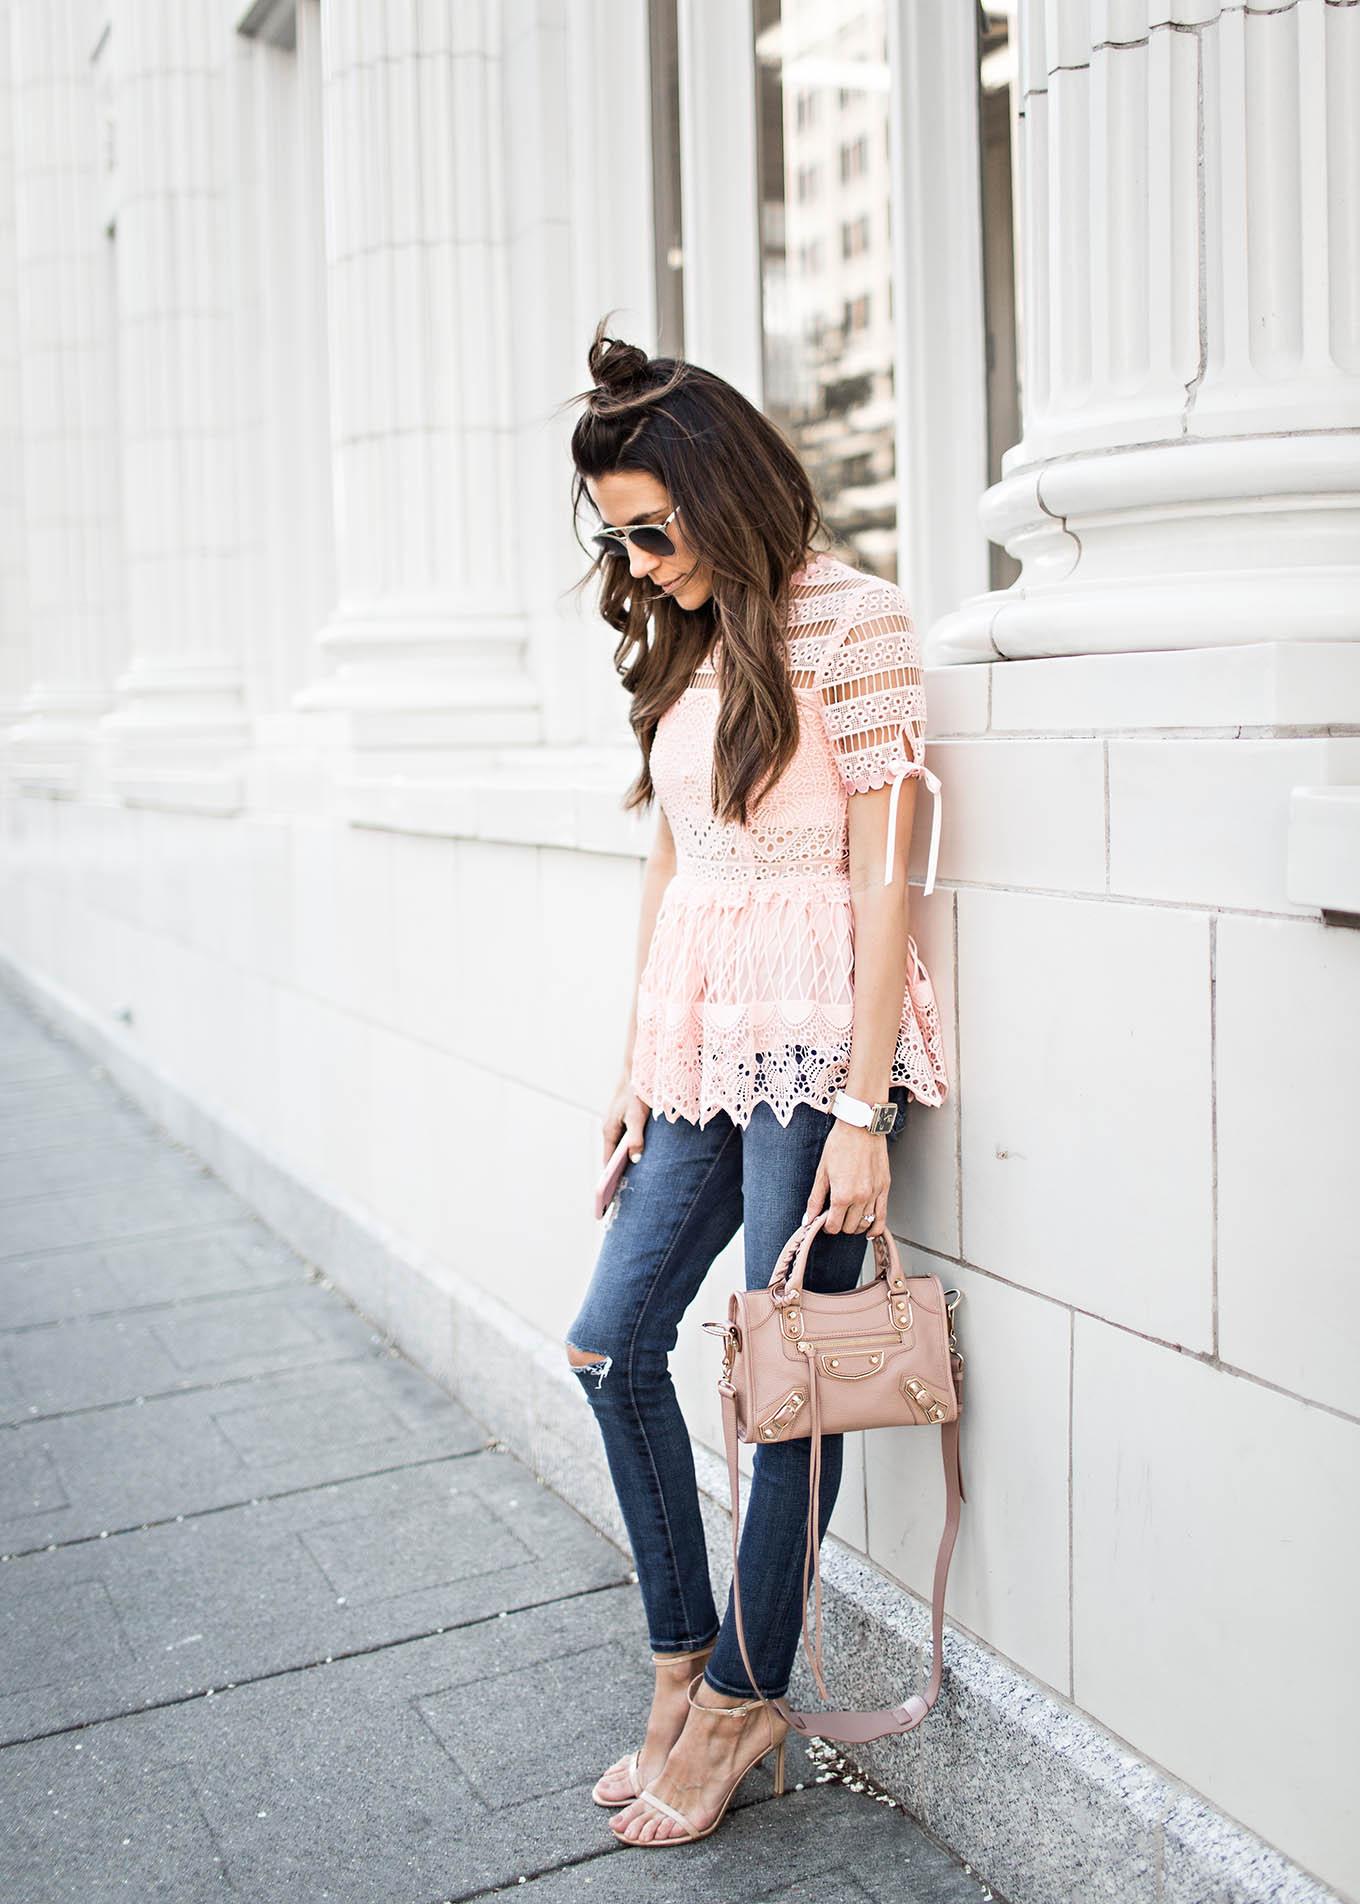 blush tones